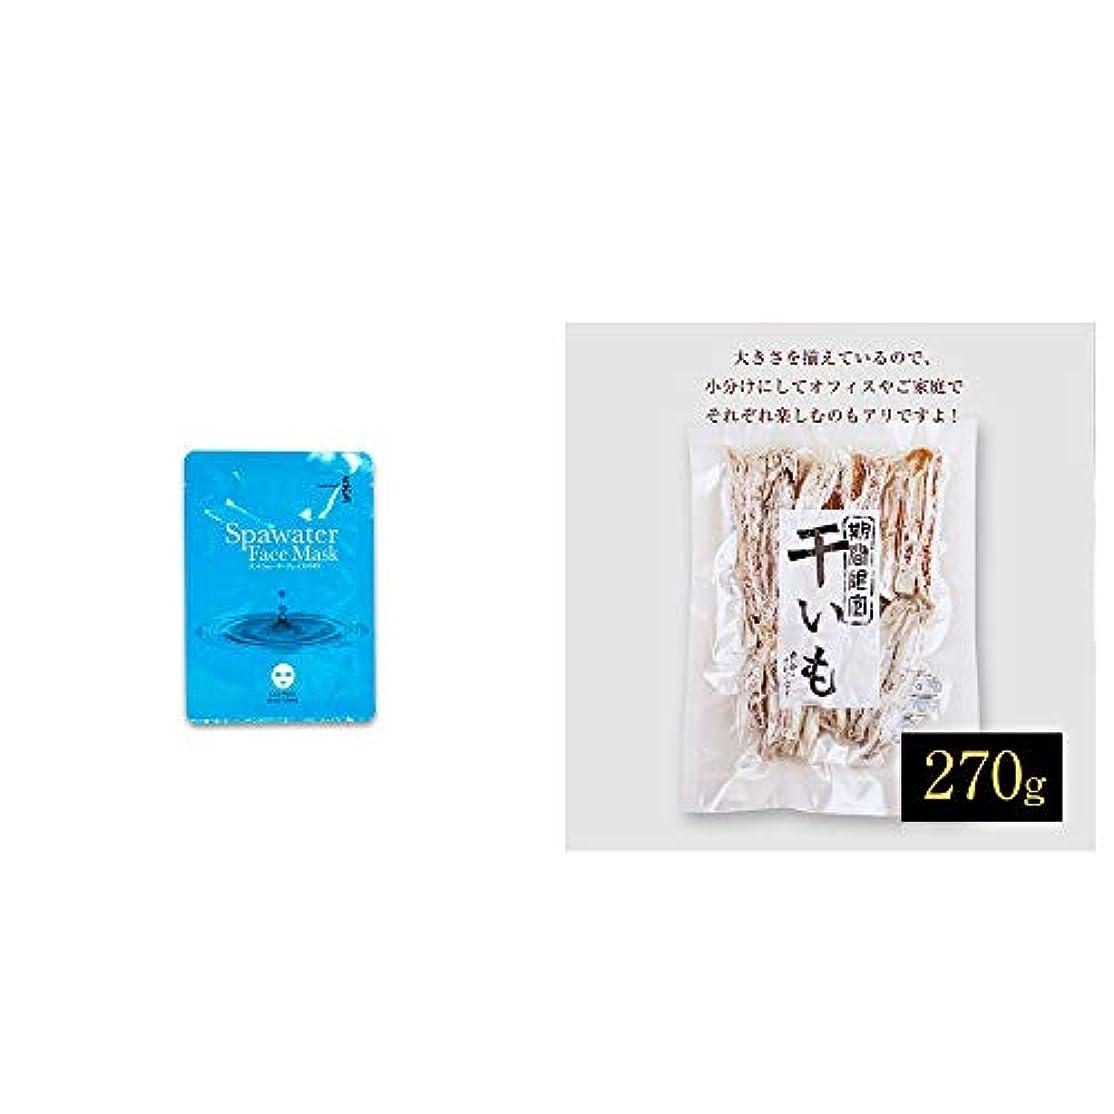 オープニング丈夫アーカイブ[2点セット] ひのき炭黒泉 スパウォーターフェイスマスク(18ml×3枚入)?干いも(270g)